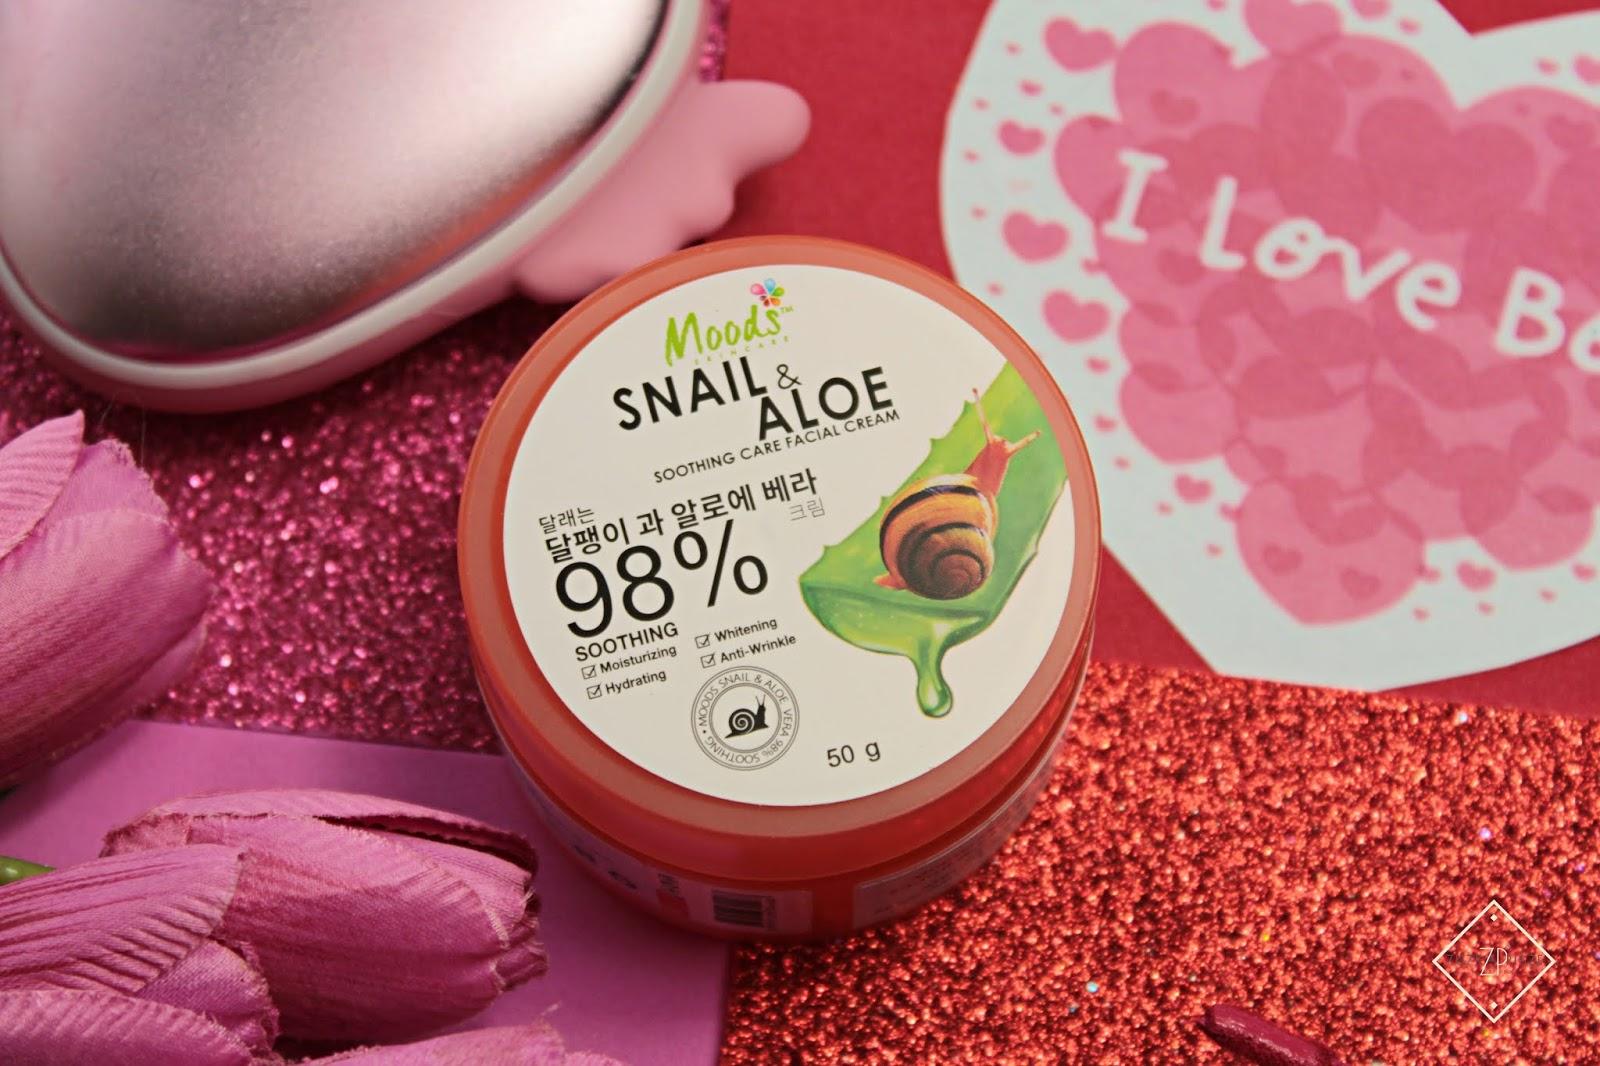 Moods Snail & Aloe 98% nawilżająco-wygładzający żel krem ze śluzem ślimaka i aloesem na noc